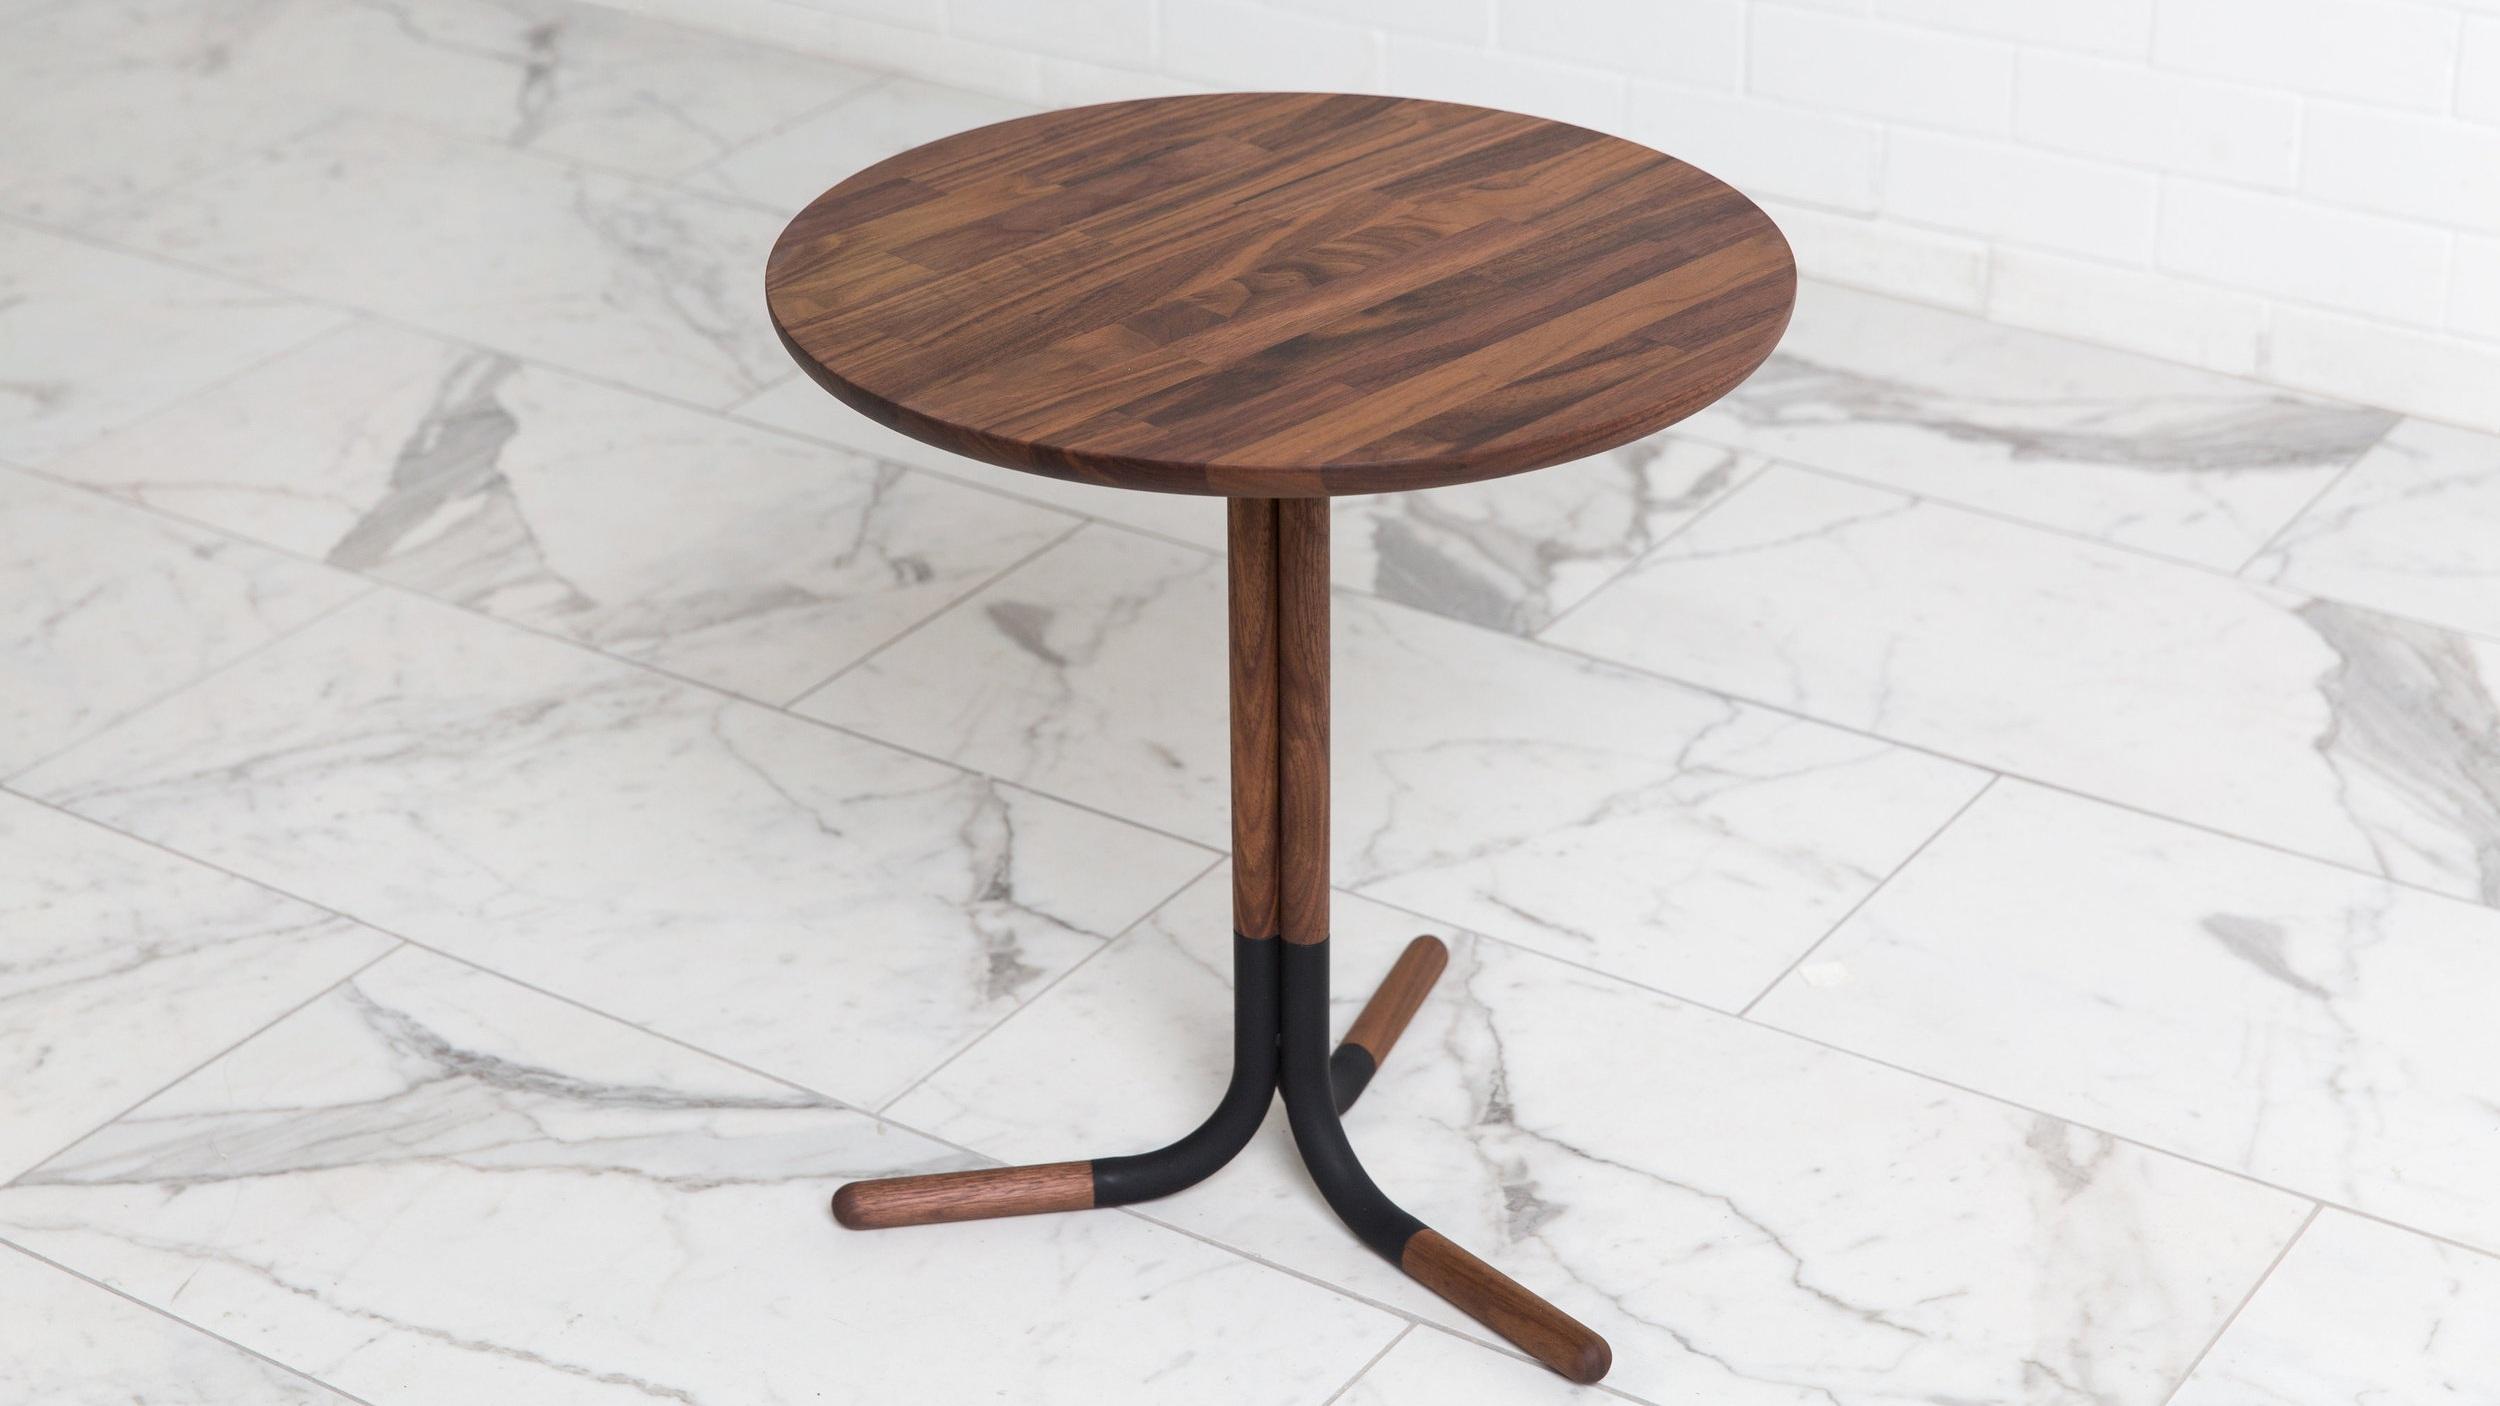 Tabor+SIde+Table.jpg